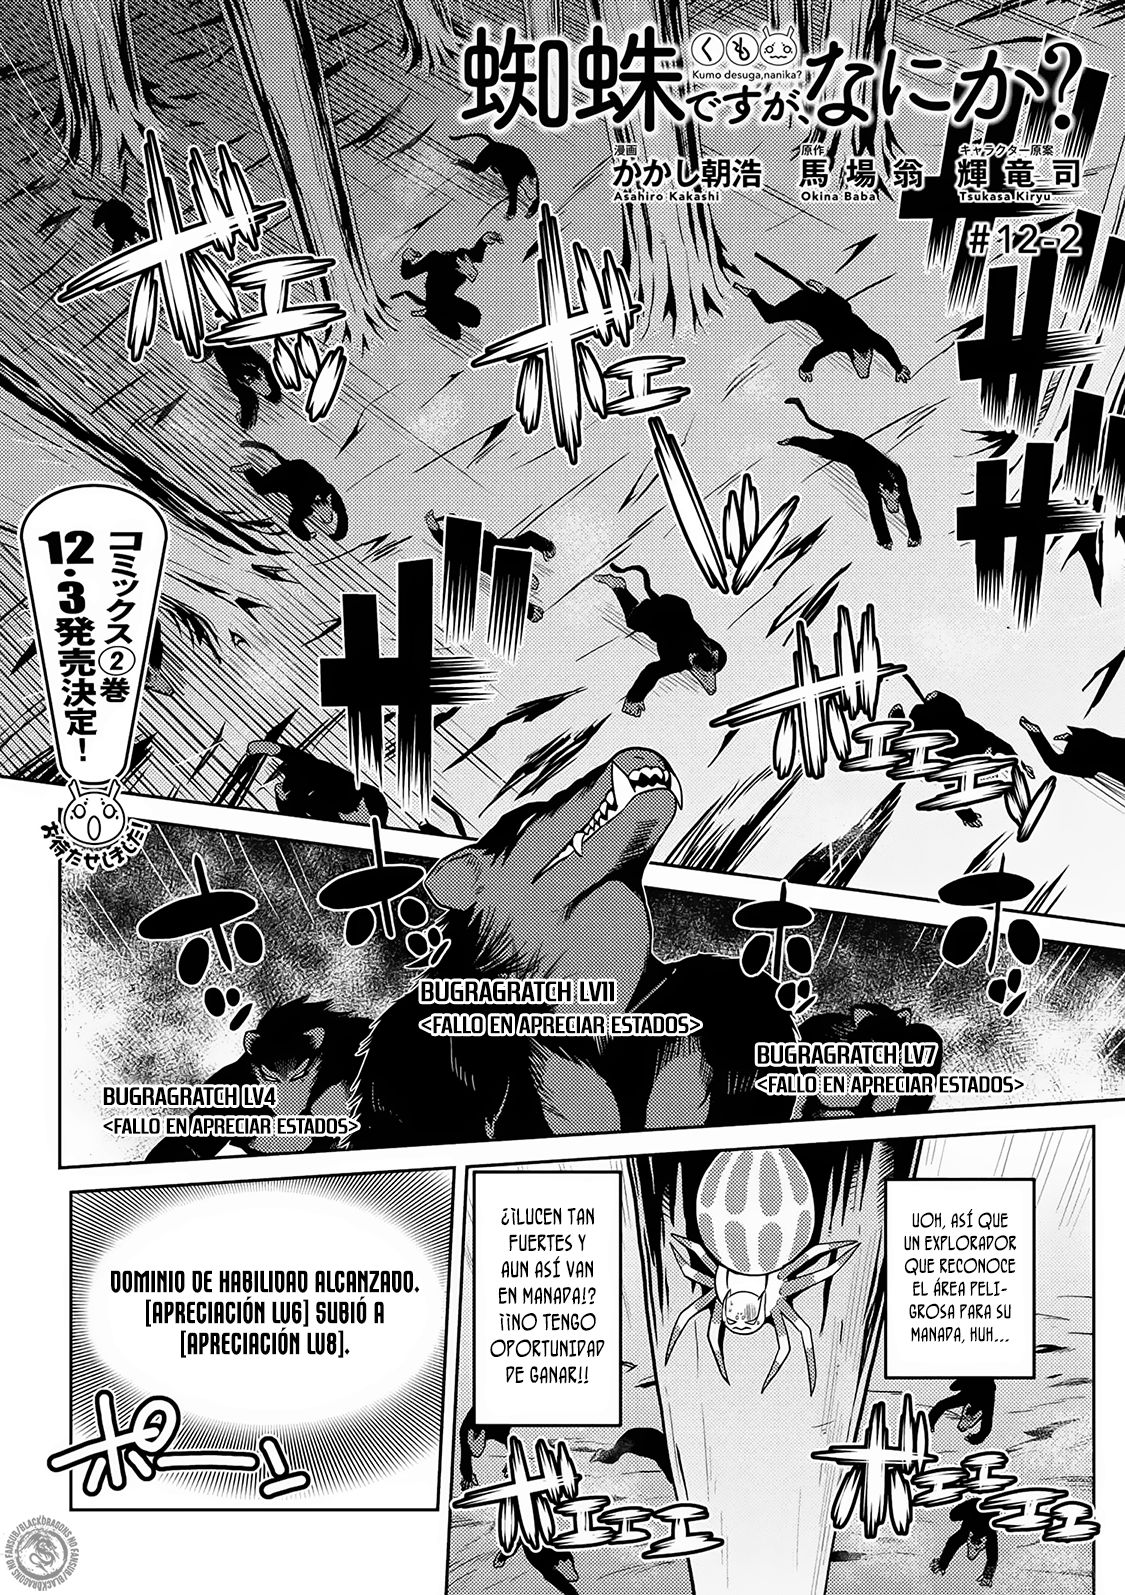 http://c5.ninemanga.com/es_manga/pic2/59/18683/515177/17c4ef97b946c1798e10e7f9086802e2.jpg Page 2